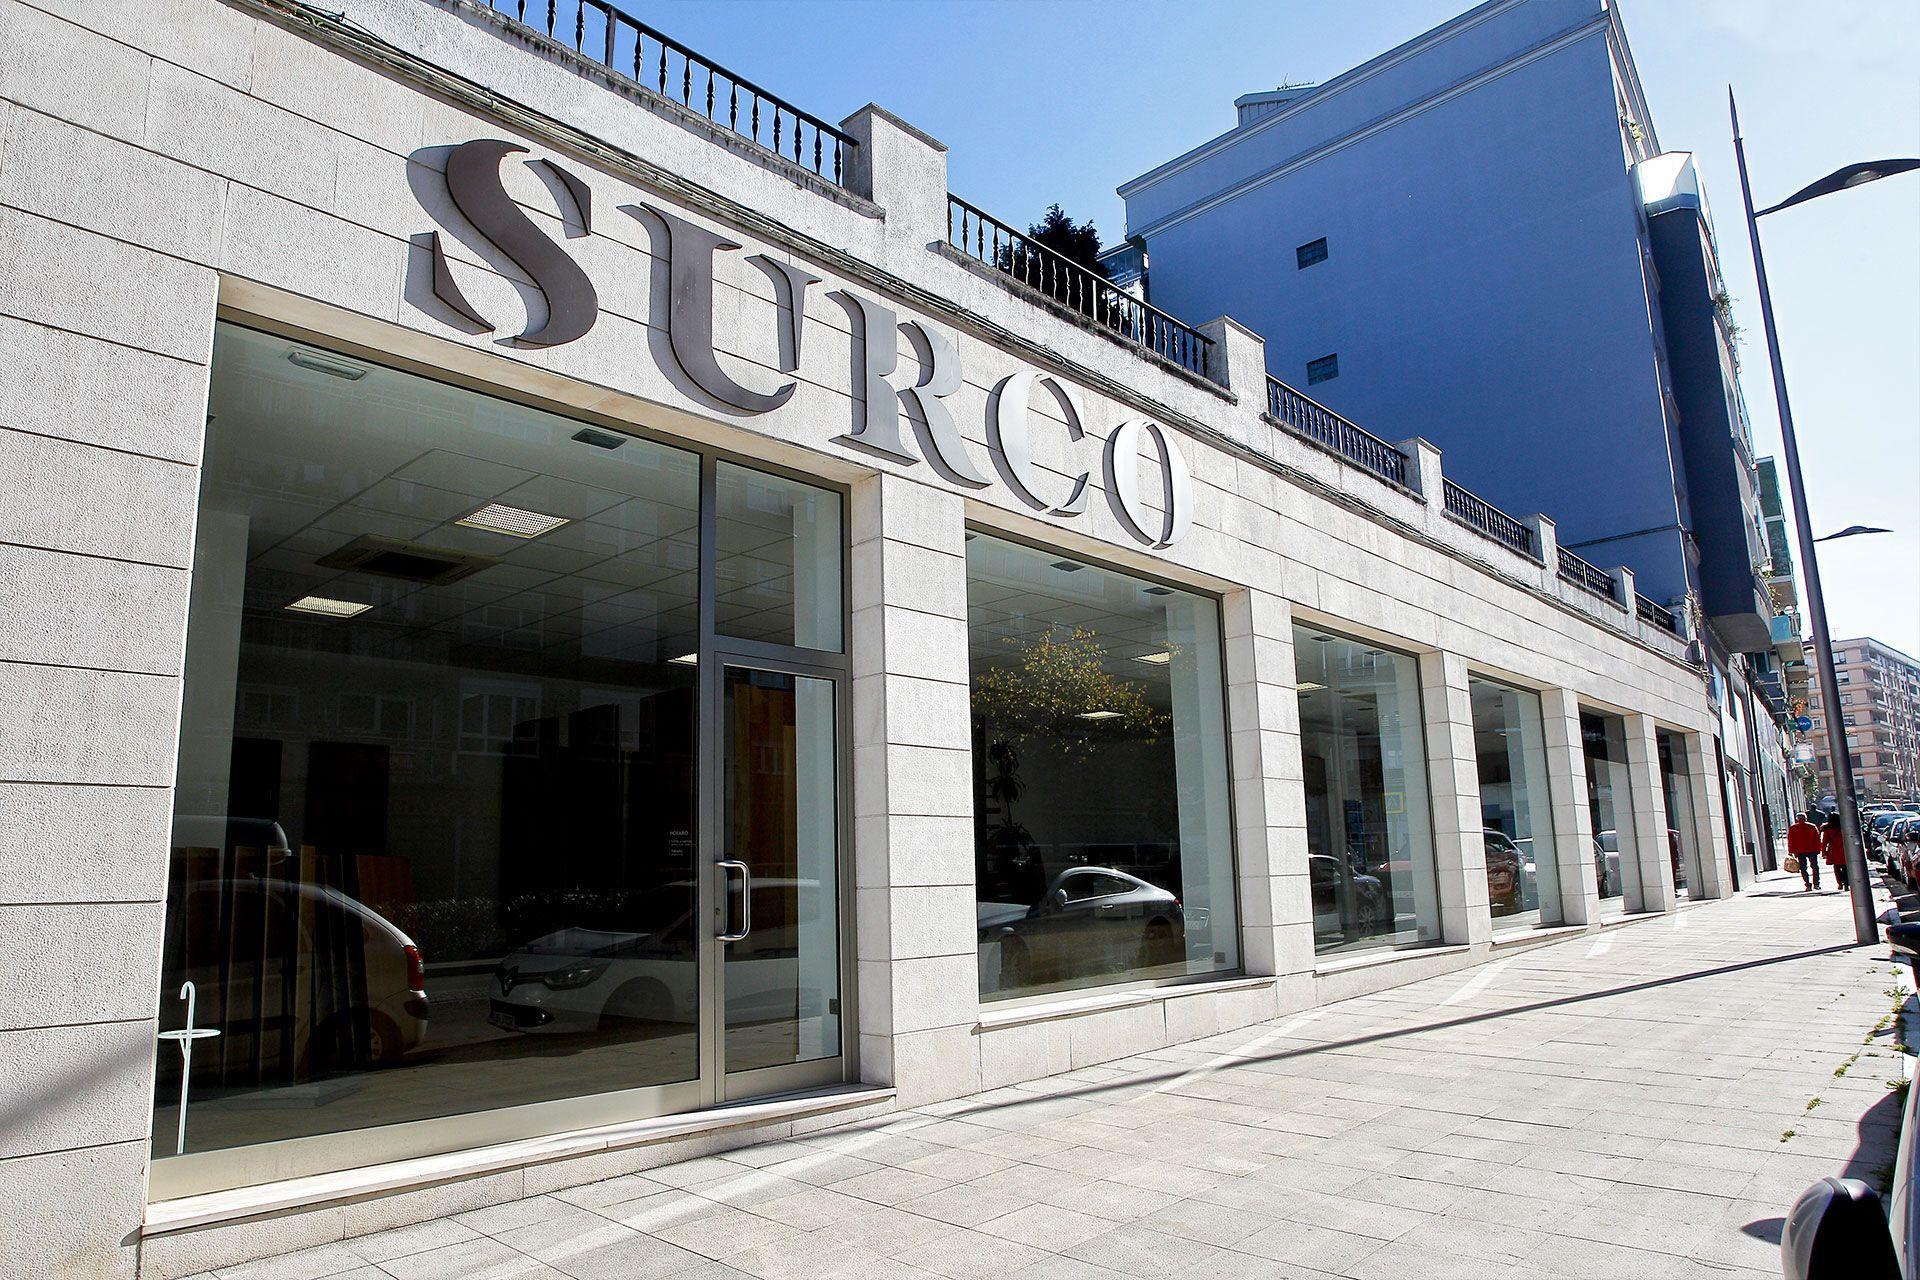 Fachada de las oficinas de SURCO en Torrelavega